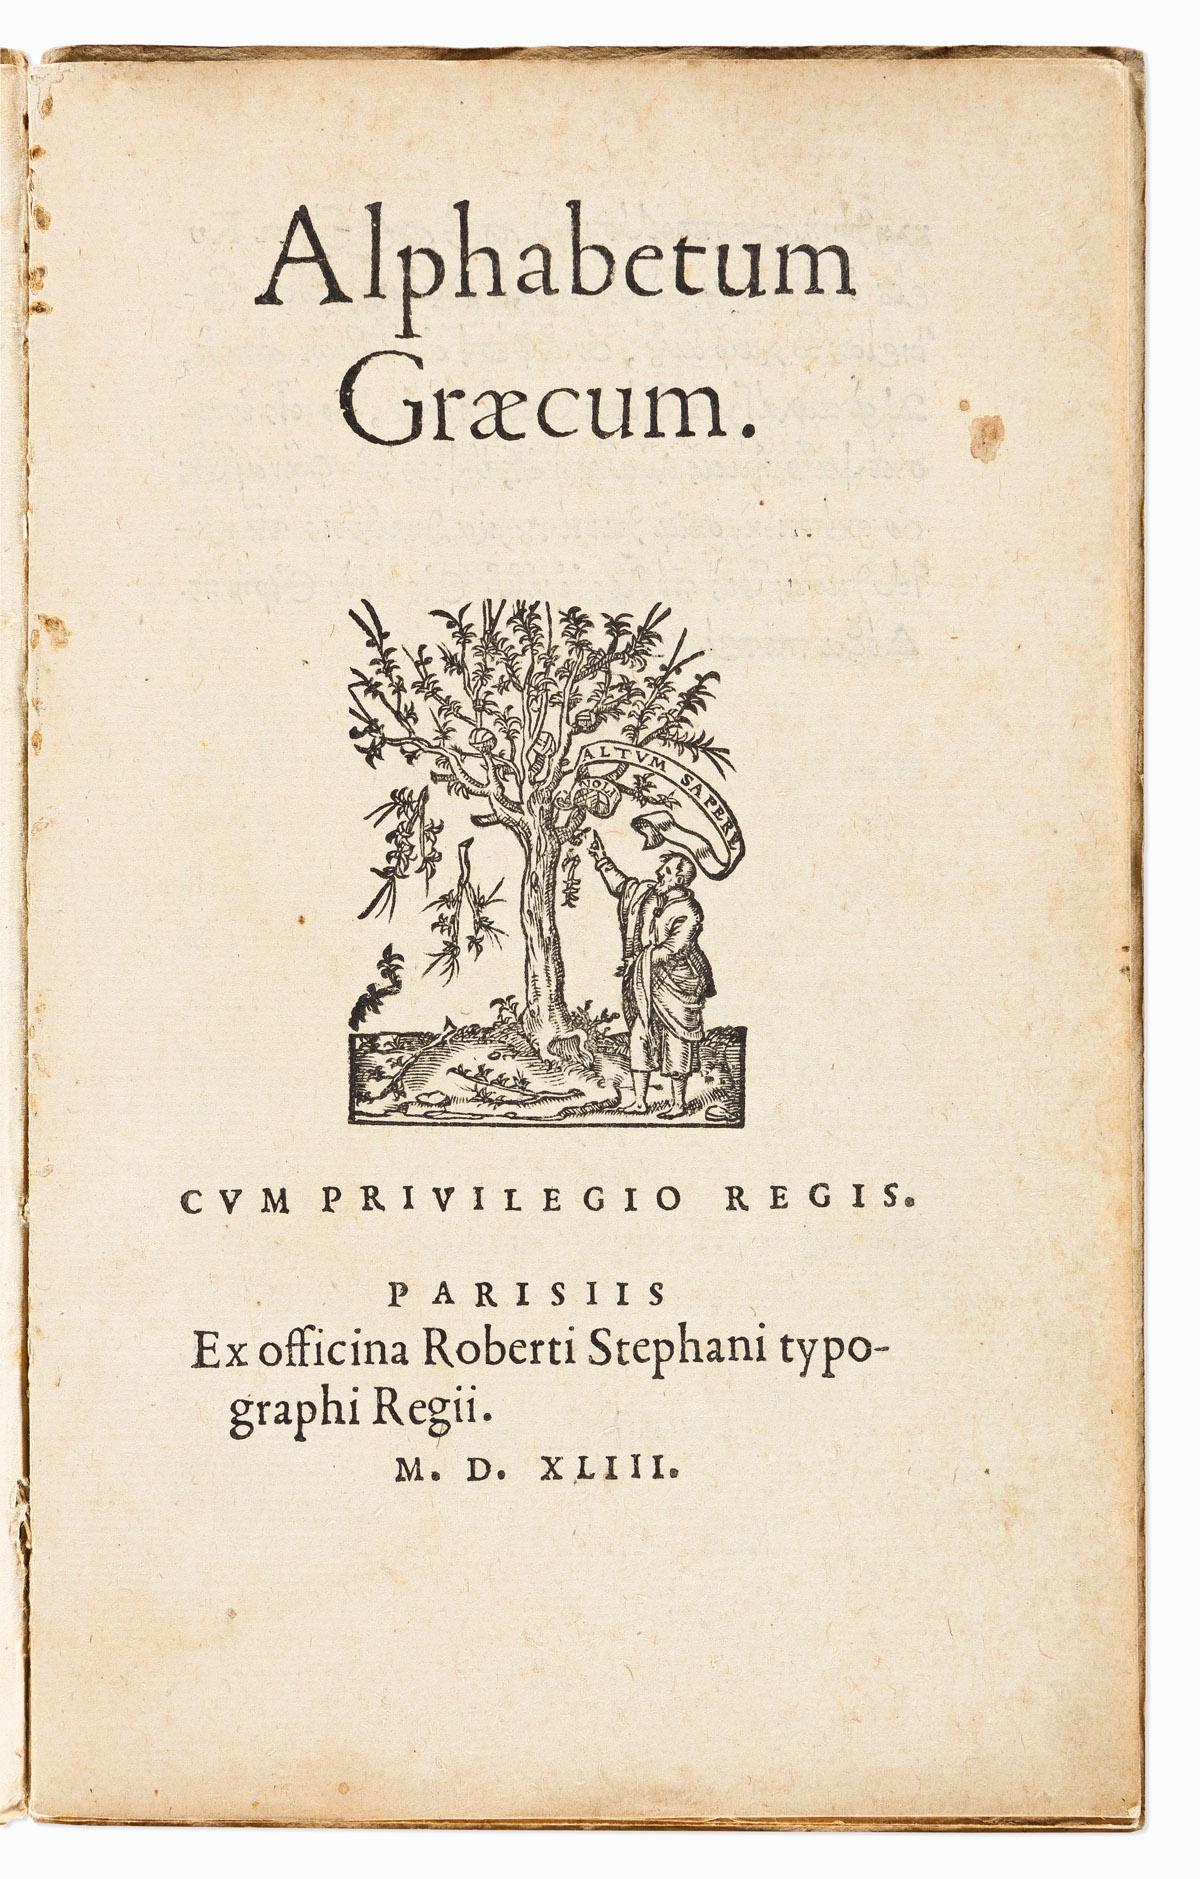 Estienne, Robert (1503-1559) Alphabetum Graecum.